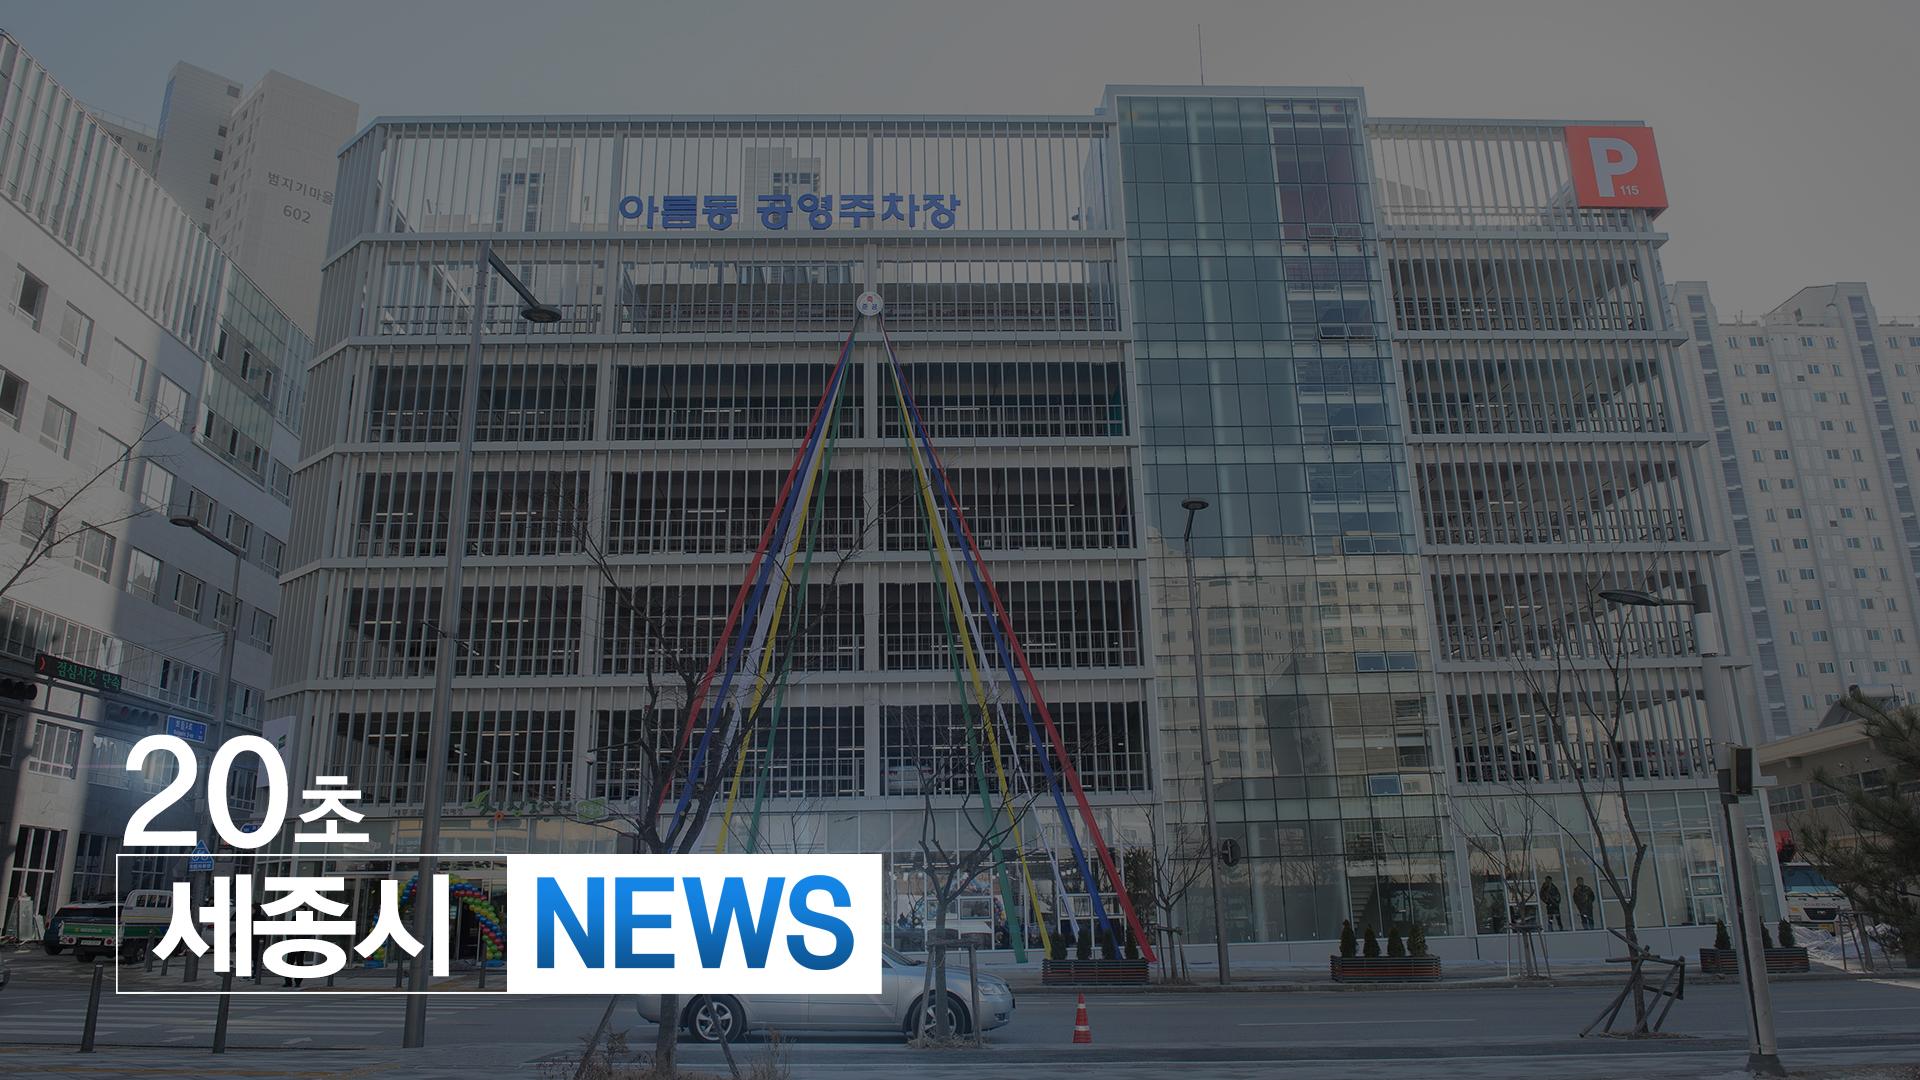 <20초뉴스> 아름ㆍ종촌동 공영주차장 준공